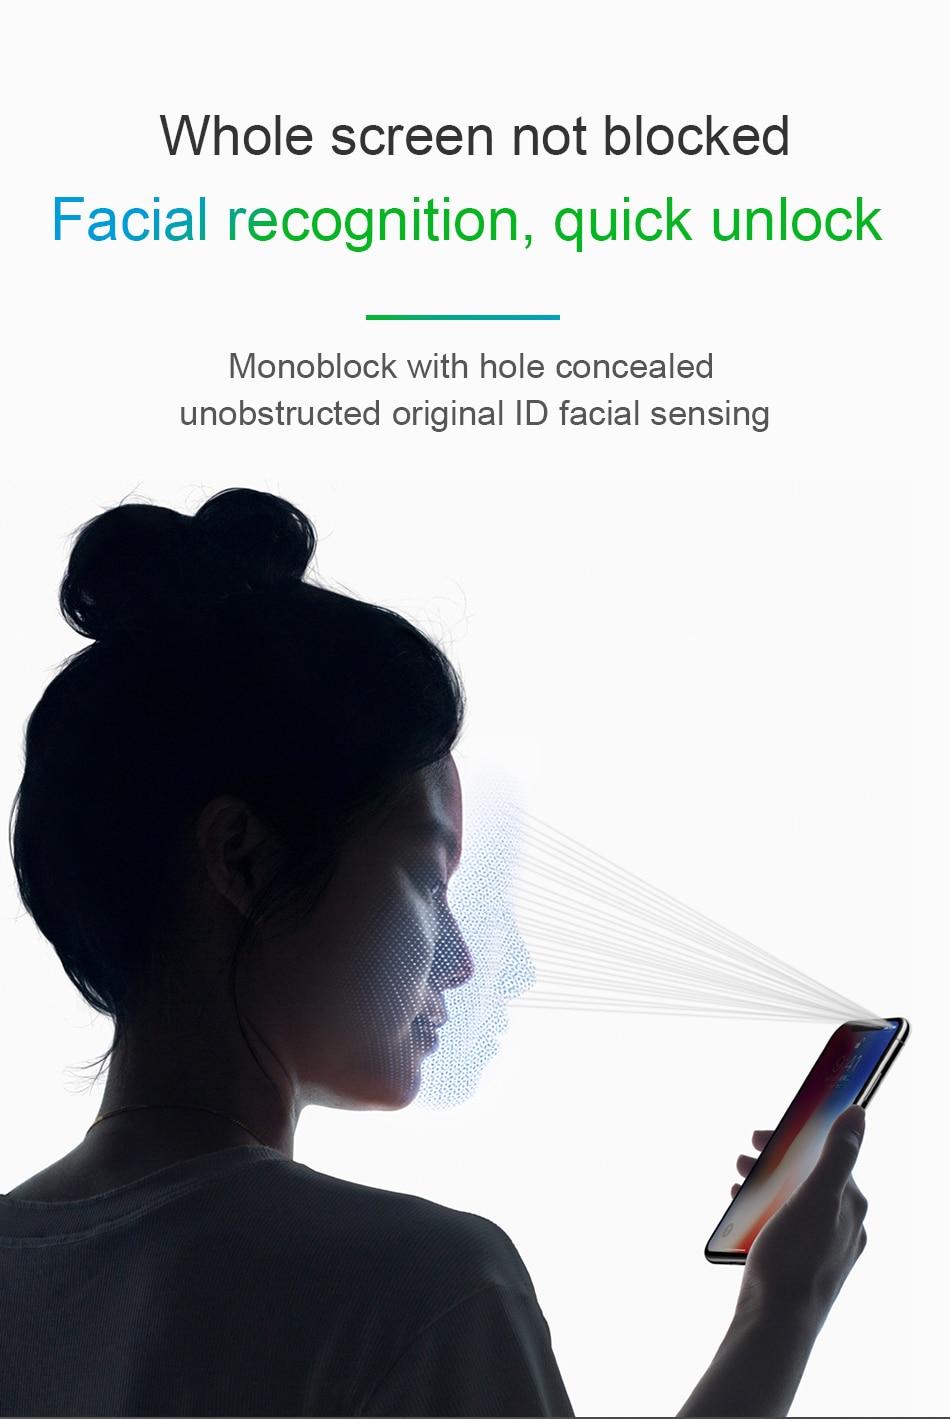 Miếng dán kính cường lực chống nhìn trộmcho iPhone 11 - 11 Pro  - 11 Pro Max - iPhone X - Xs - Xs Max - XR hiệu Baseus